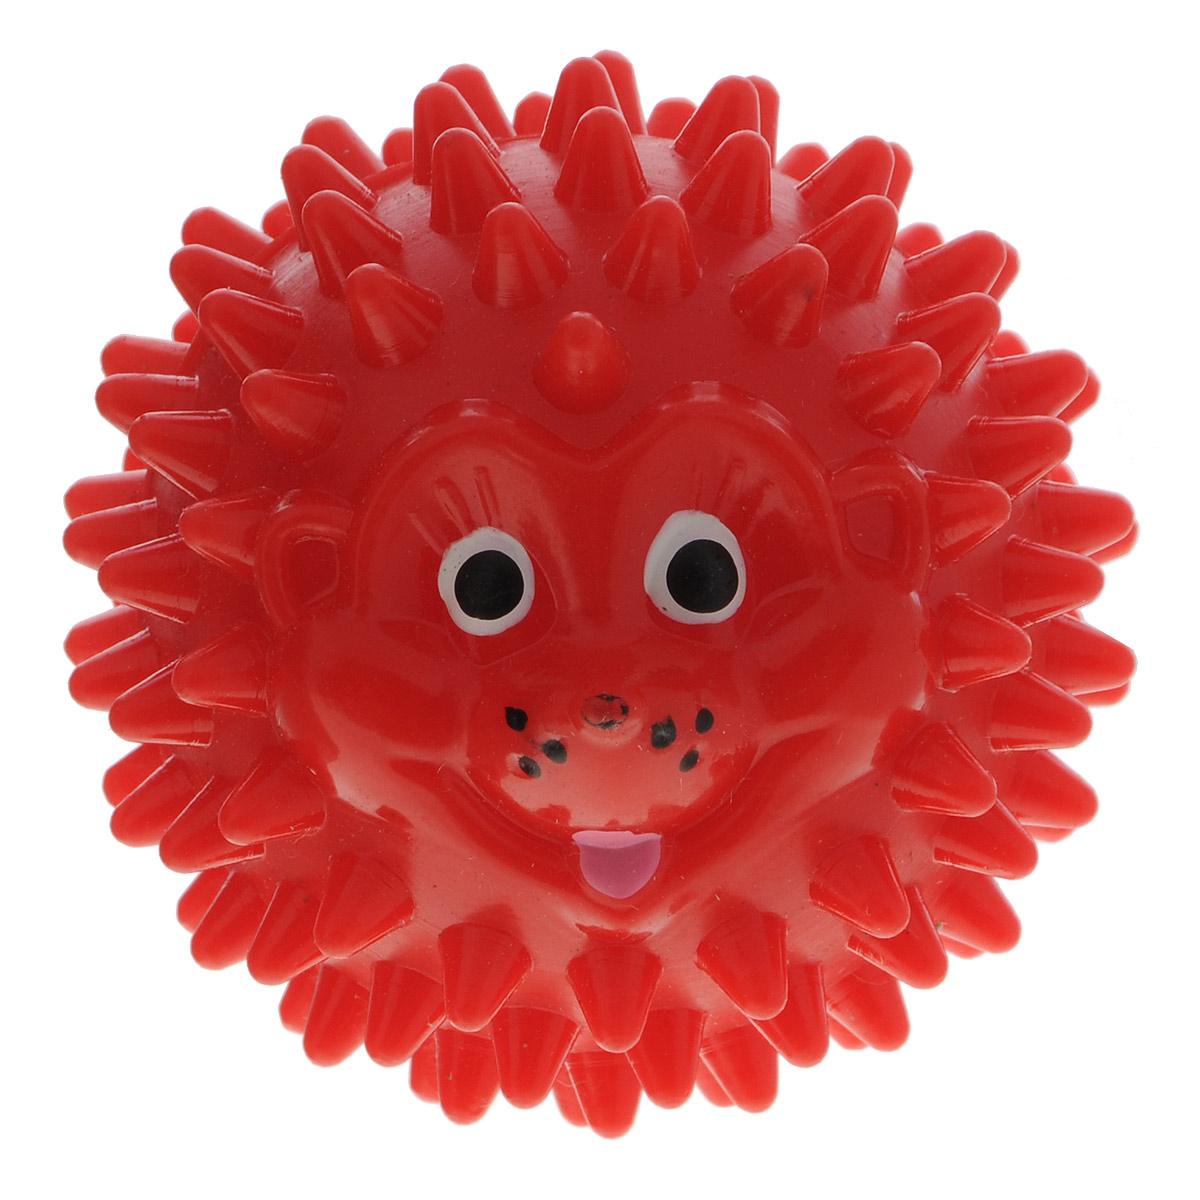 Массажер Дельтатерм Шарик-Ежик, цвет: красный, диаметр 50 ммAS009С помощью массажного мяча Шарик-Ежик можно самостоятельно проводить мягкий массаж ладоней, стоп и всего тела. Такой массаж способствует повышению кожно-мышечного тонуса, уменьшению венозного застоя и ускорению капиллярного кровотока, улучшению функционирования периферической и центральной нервных систем. Идеально подходит для проведения массажа у маленьких детей. Развивает мышление, координацию движений и совершенствует моторику нежных пальчиков малыша и является интересной веселой игрушкой.